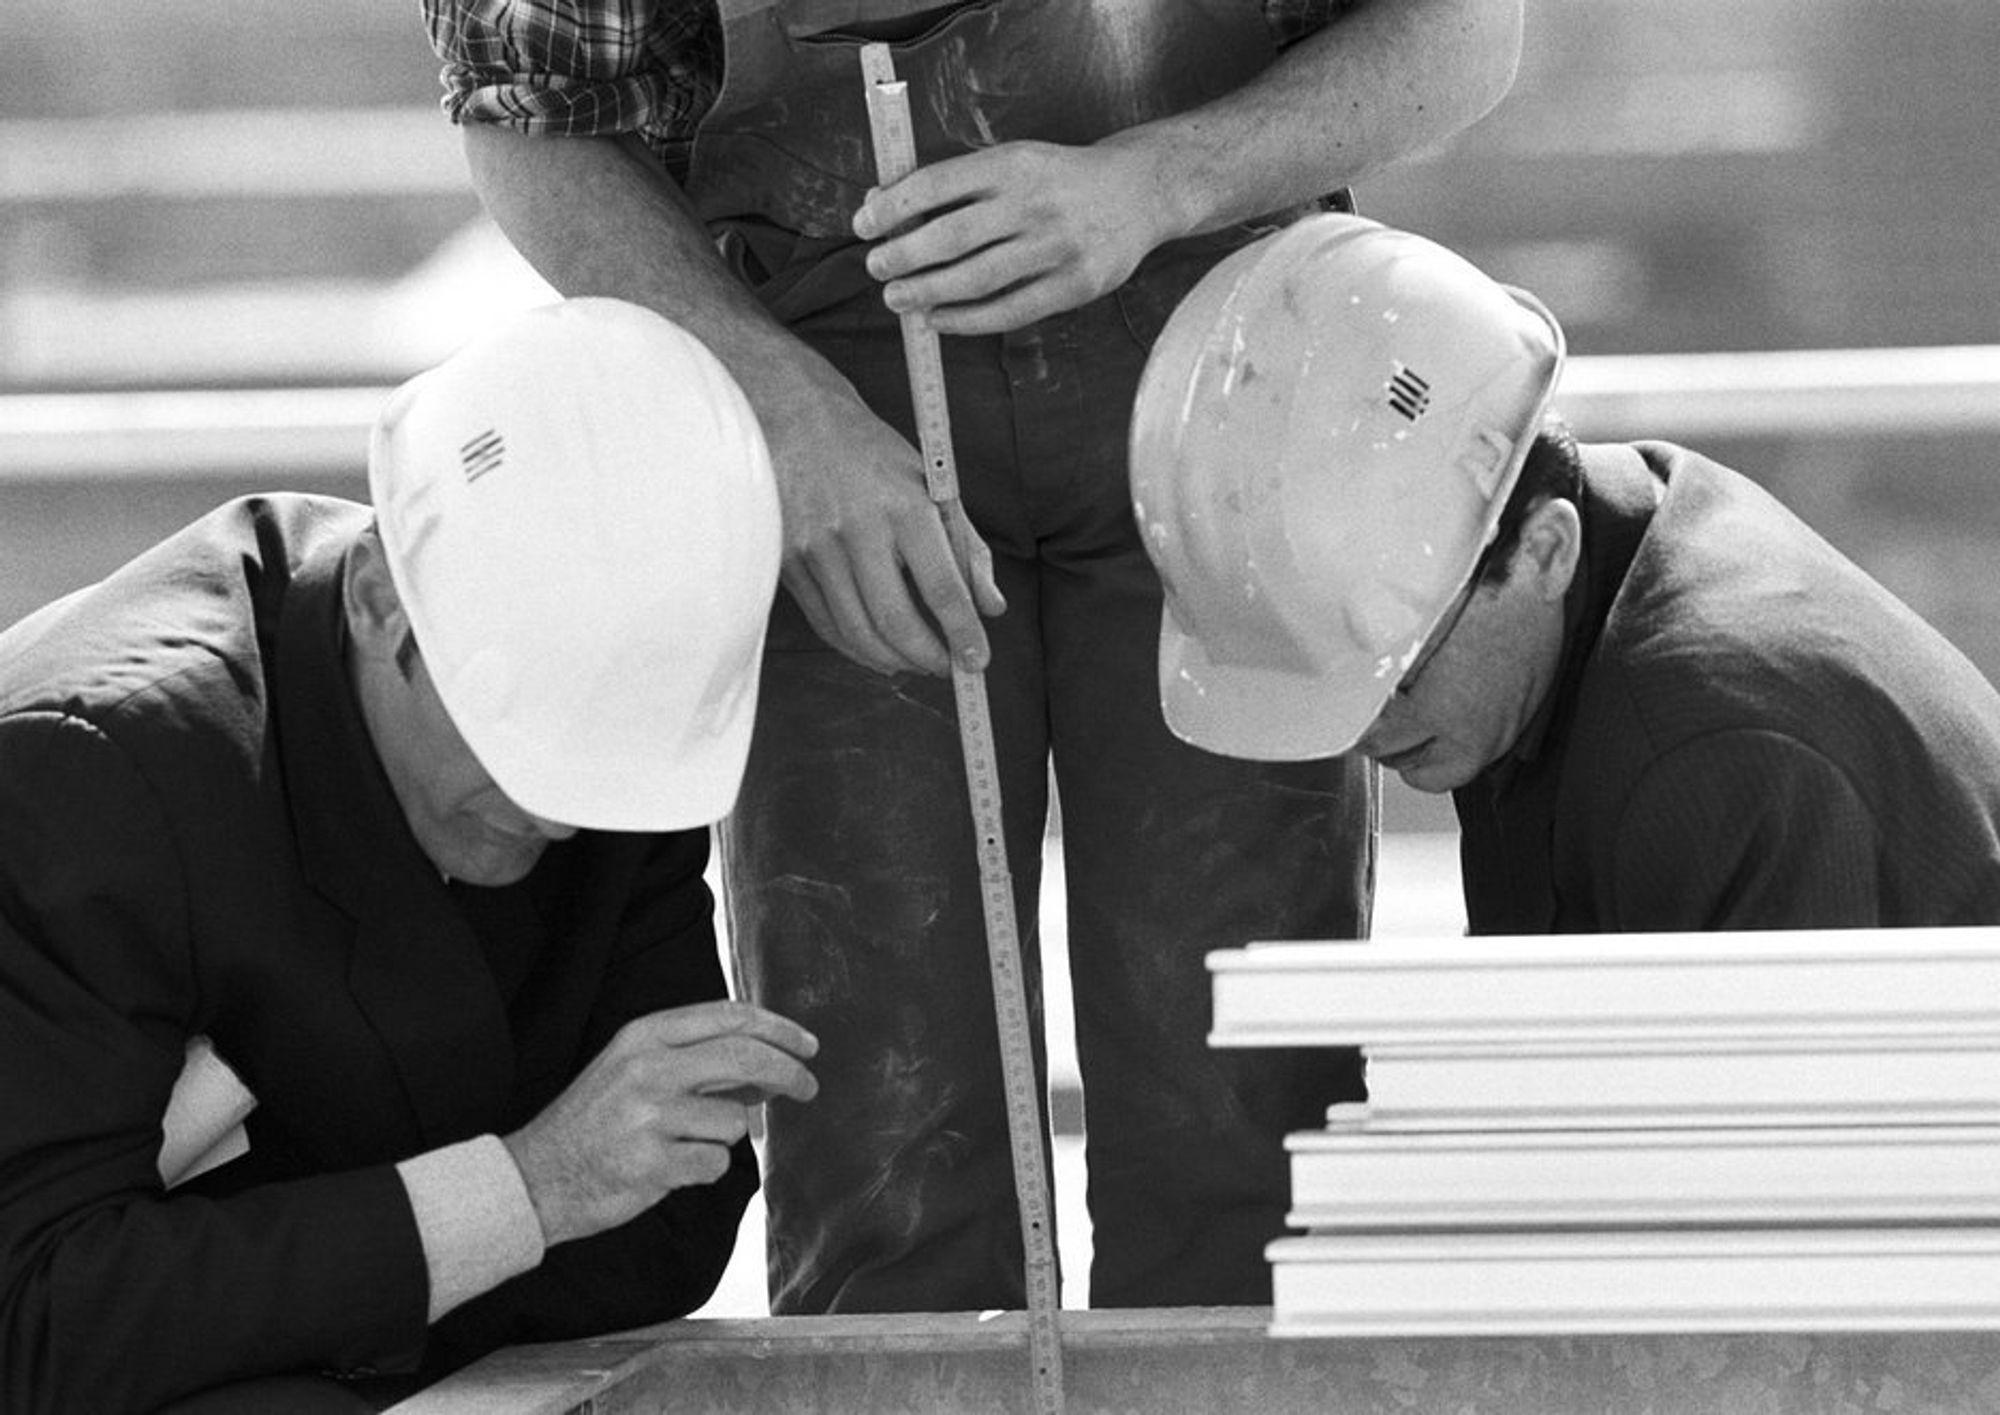 SAMMEN OM BYGGKONTROLL: Kontrollene i byggesaker skal nå økes, og langt flere av dem blir uanmeldte tilsyn, i kommunene Asker, Bærum, Hurum, Lier og Røyken.